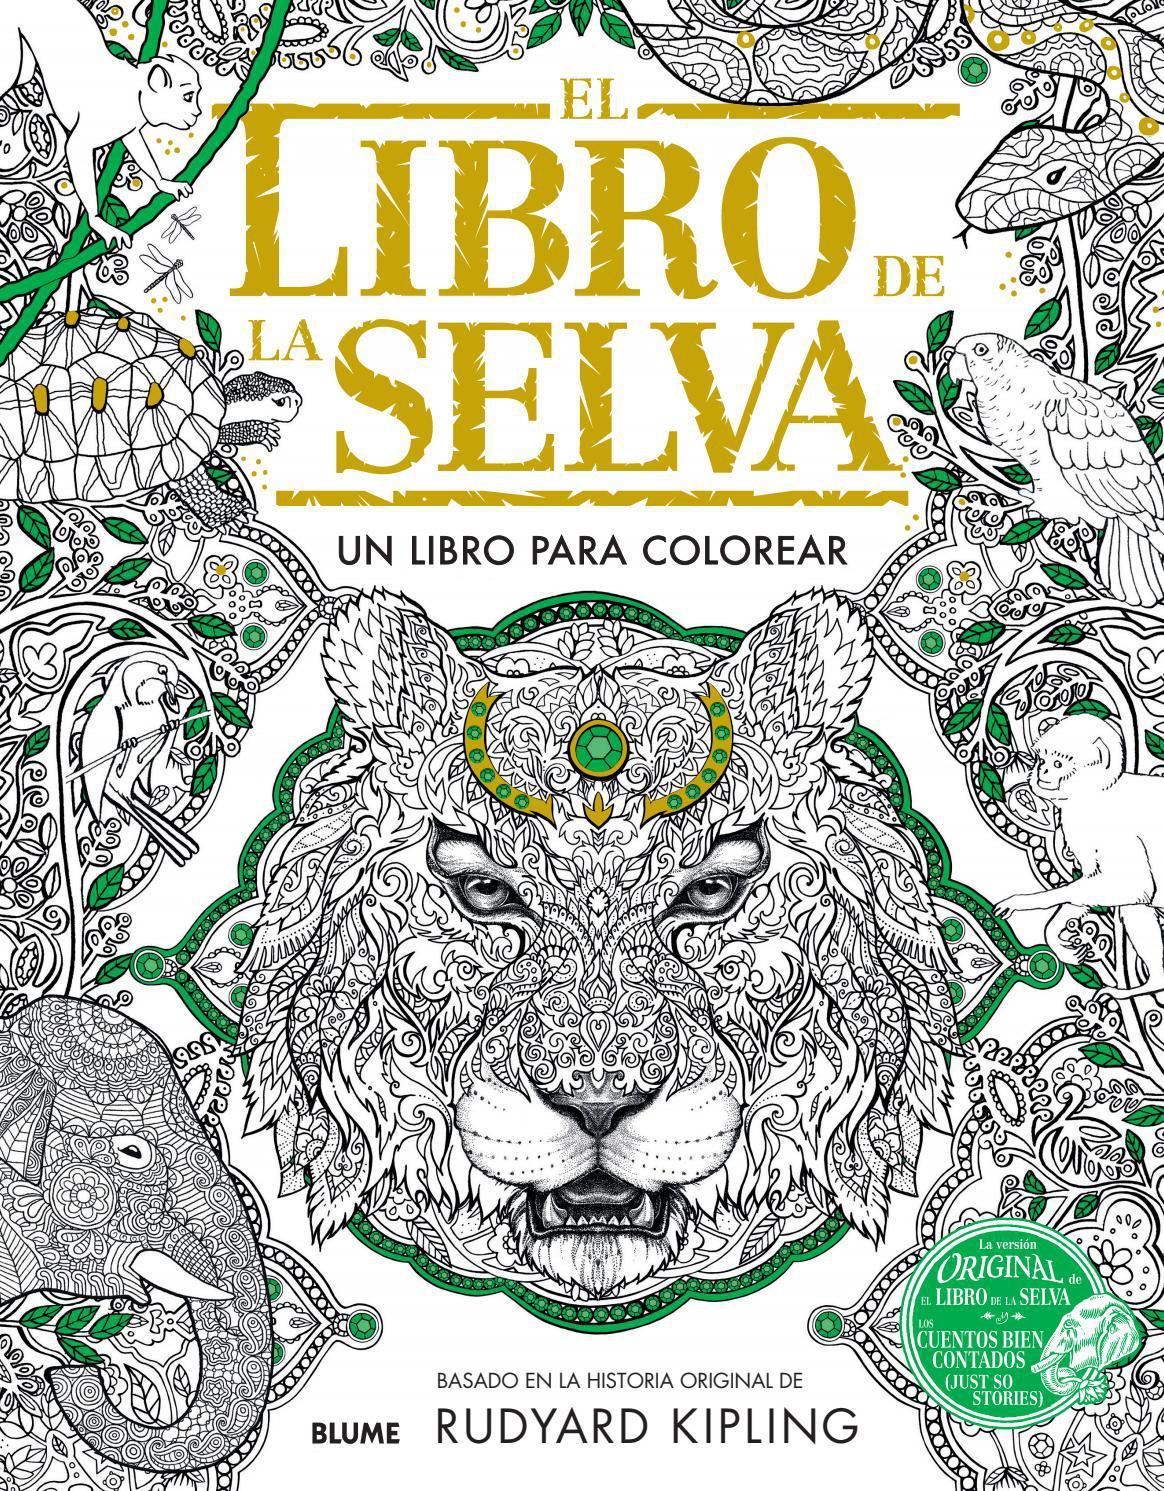 El libro de la selva by Editorial Blume - issuu